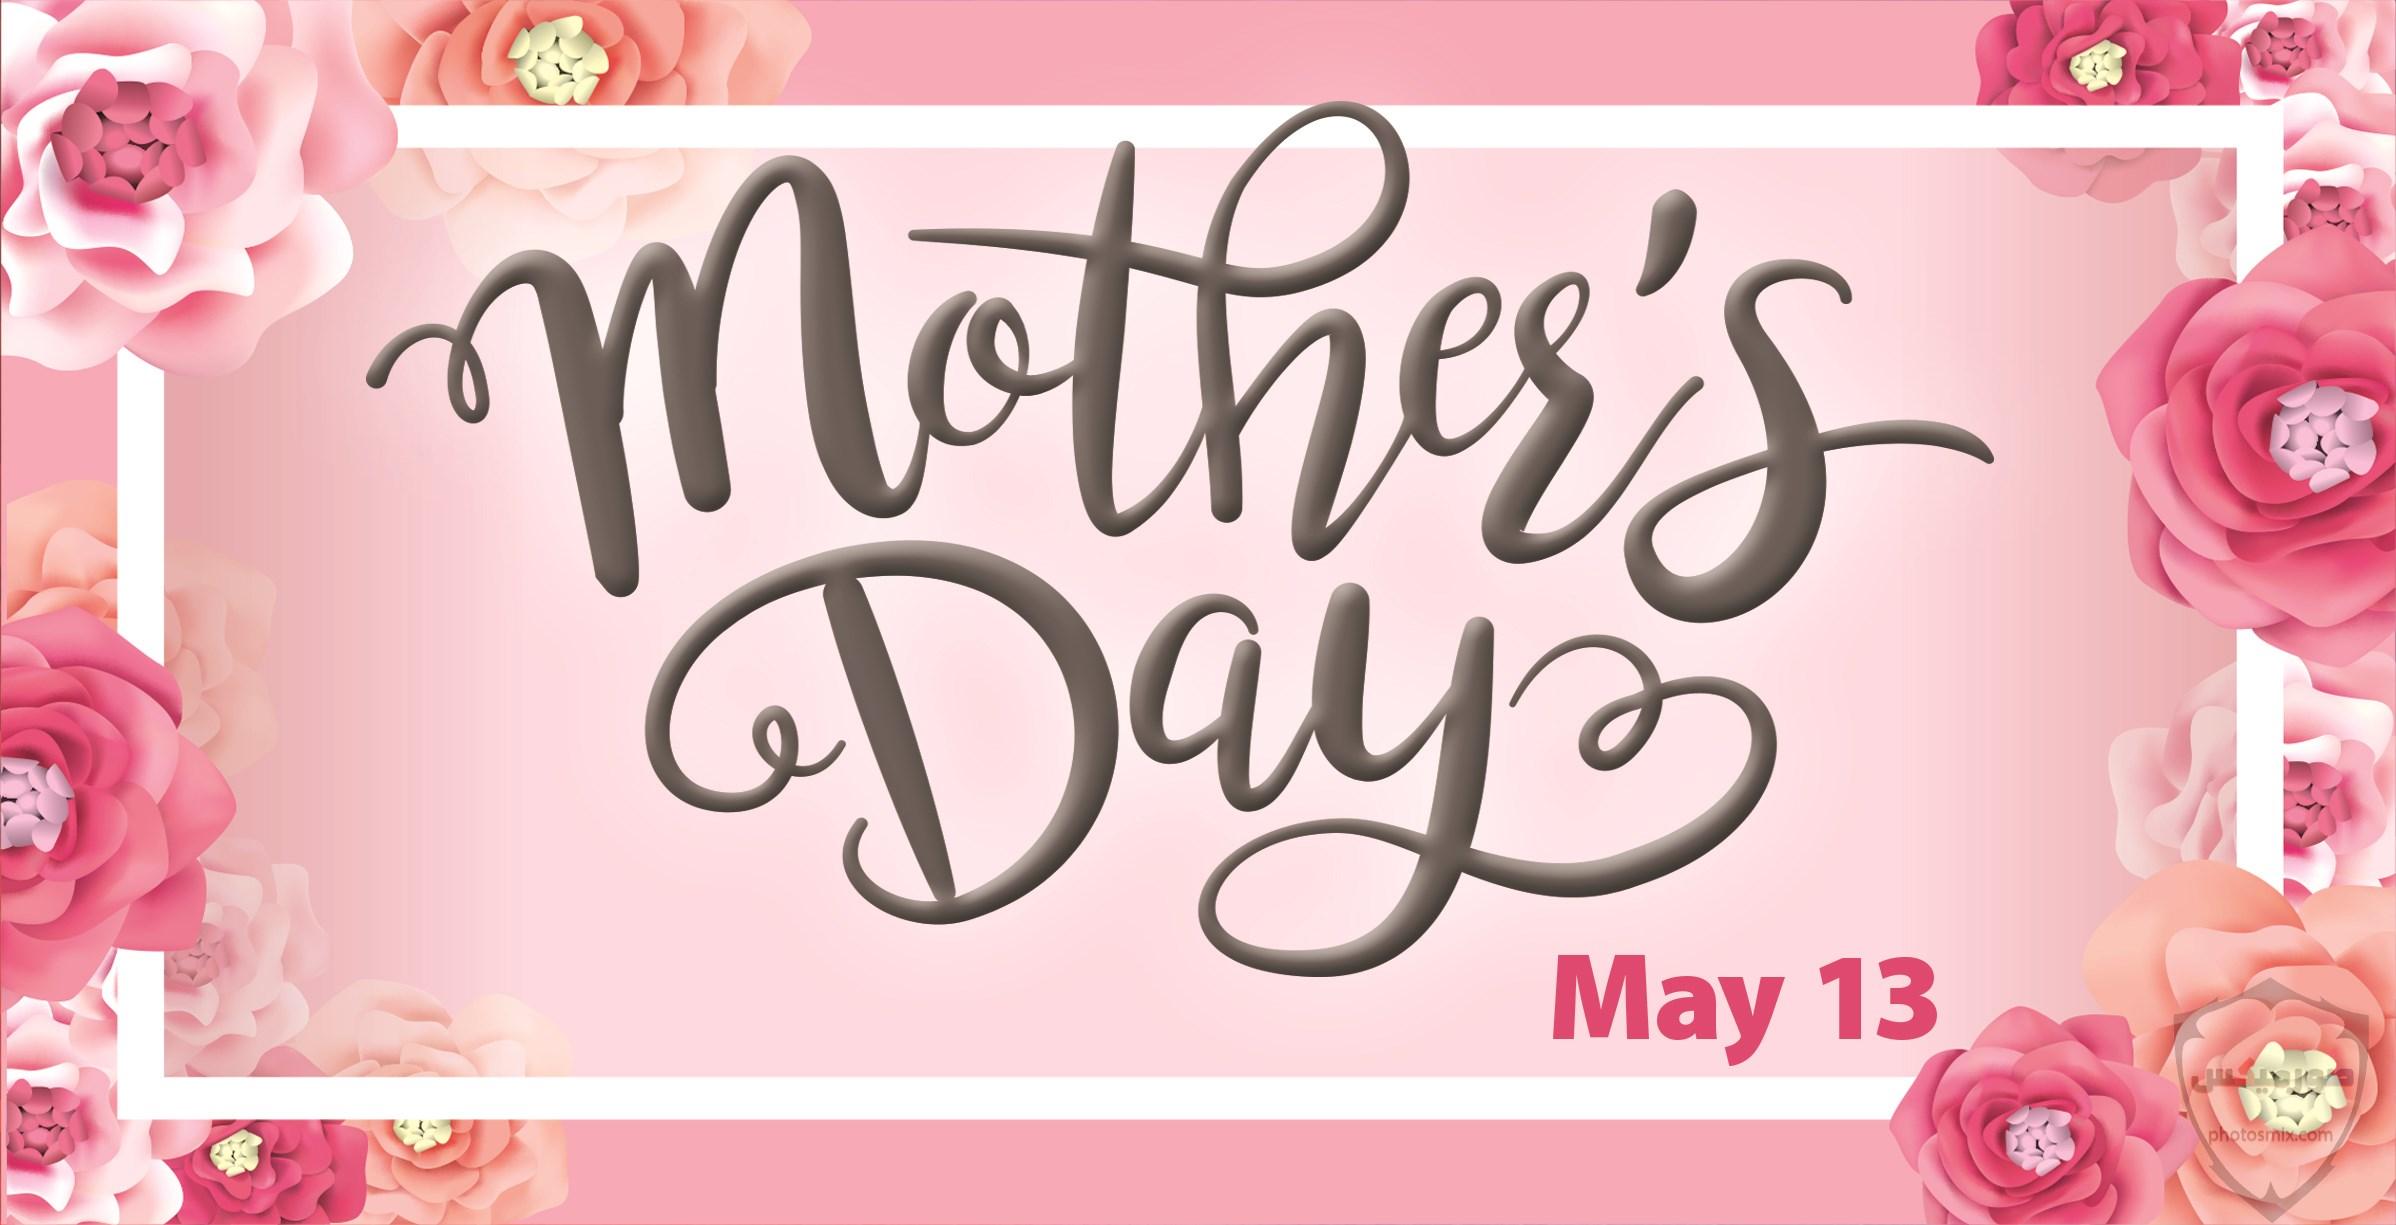 صور عيد الام 2020 أشعار عن الأم يوم الأم رمزيات عن الأم Mother Day 37